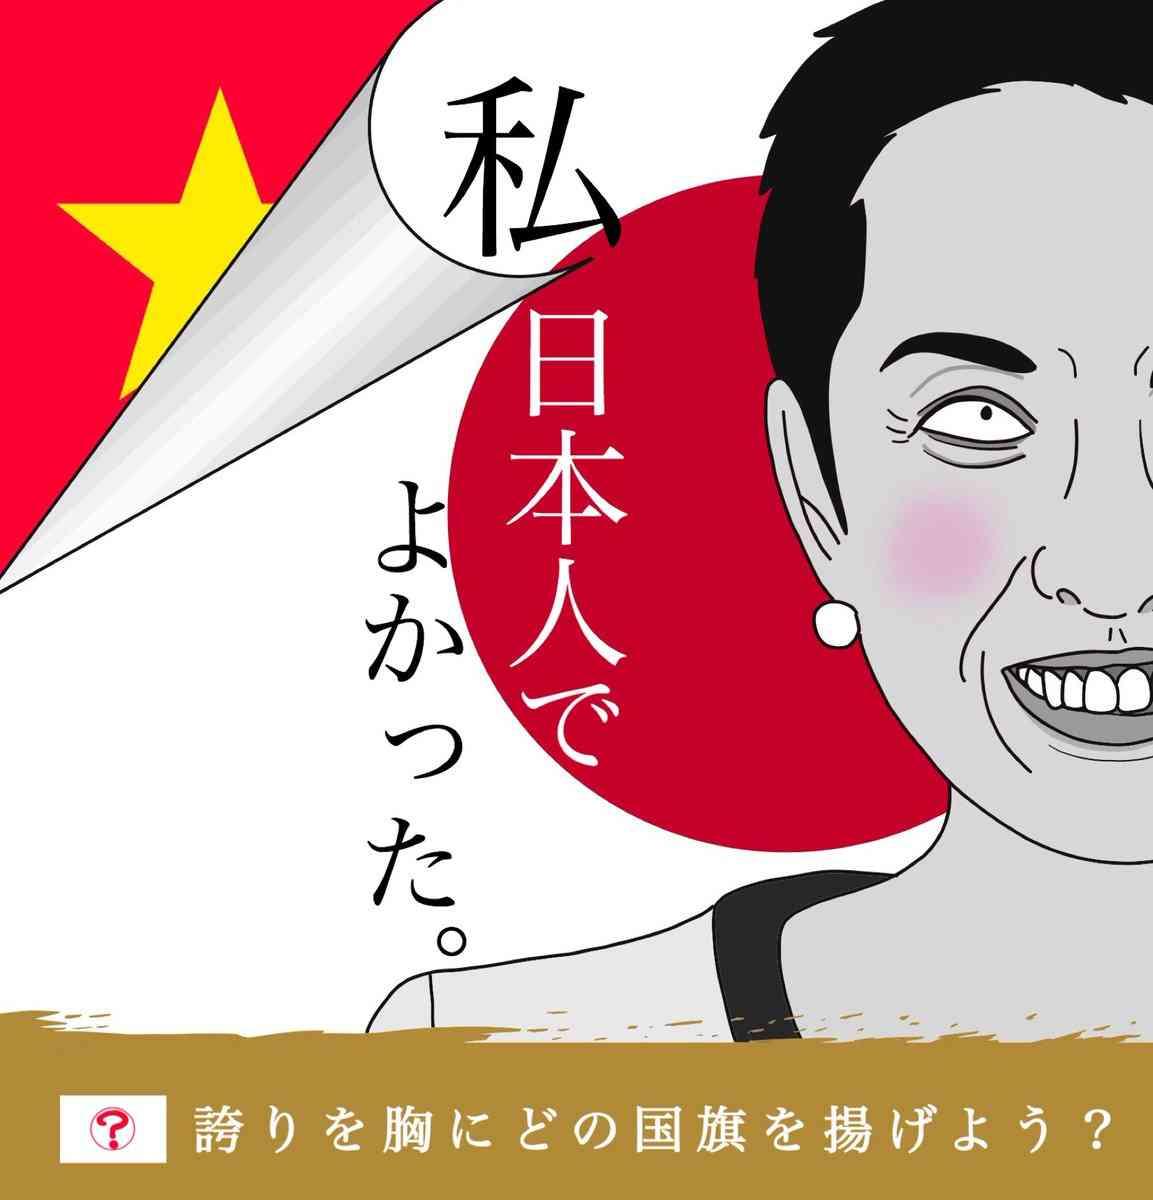 蓮舫氏「戸籍示す」=二重国籍問題